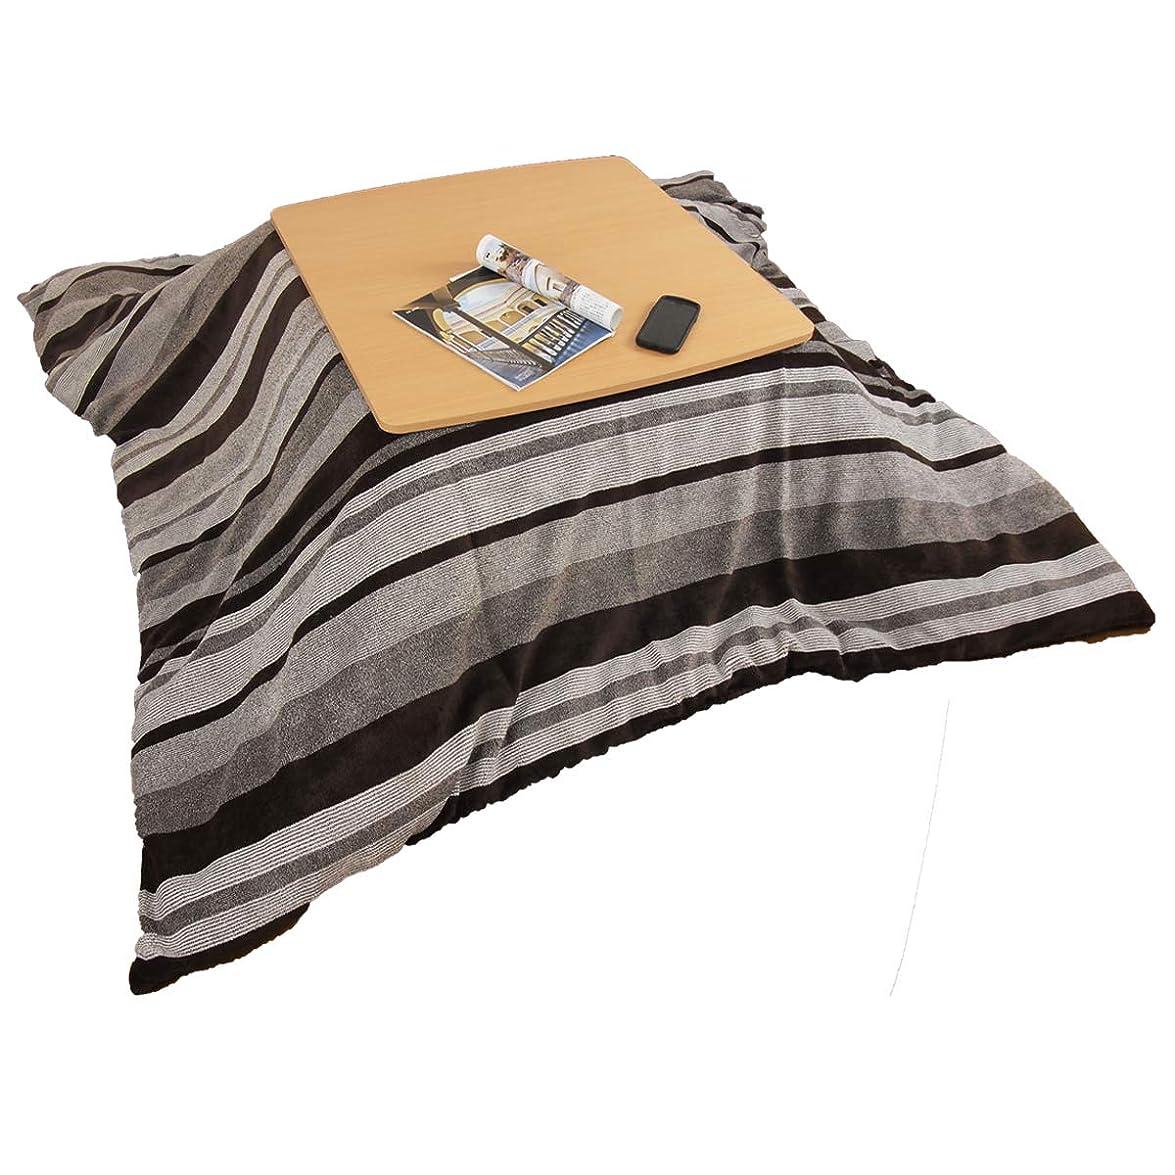 万一に備えてさようなら間違えたこたつ布団カバー 長方形 190×240cm グラデーション フランネル素材 こたつカバー 218-21-241 (ブラウン)